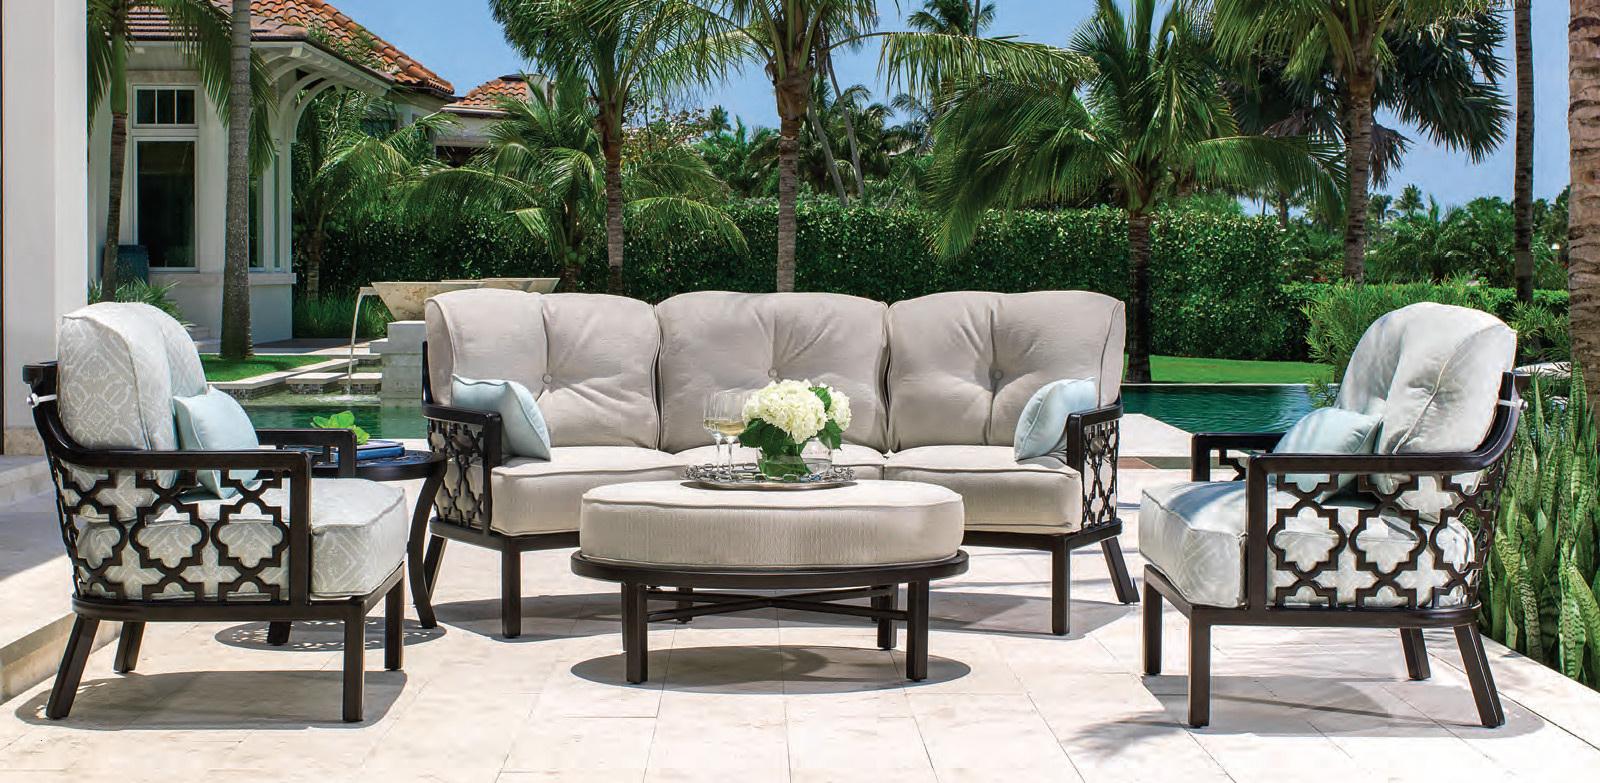 luxury garden furniture castelle outdoor furniture luxury extraordinary luxury outdoor furniture 25  garden SWNNDFB